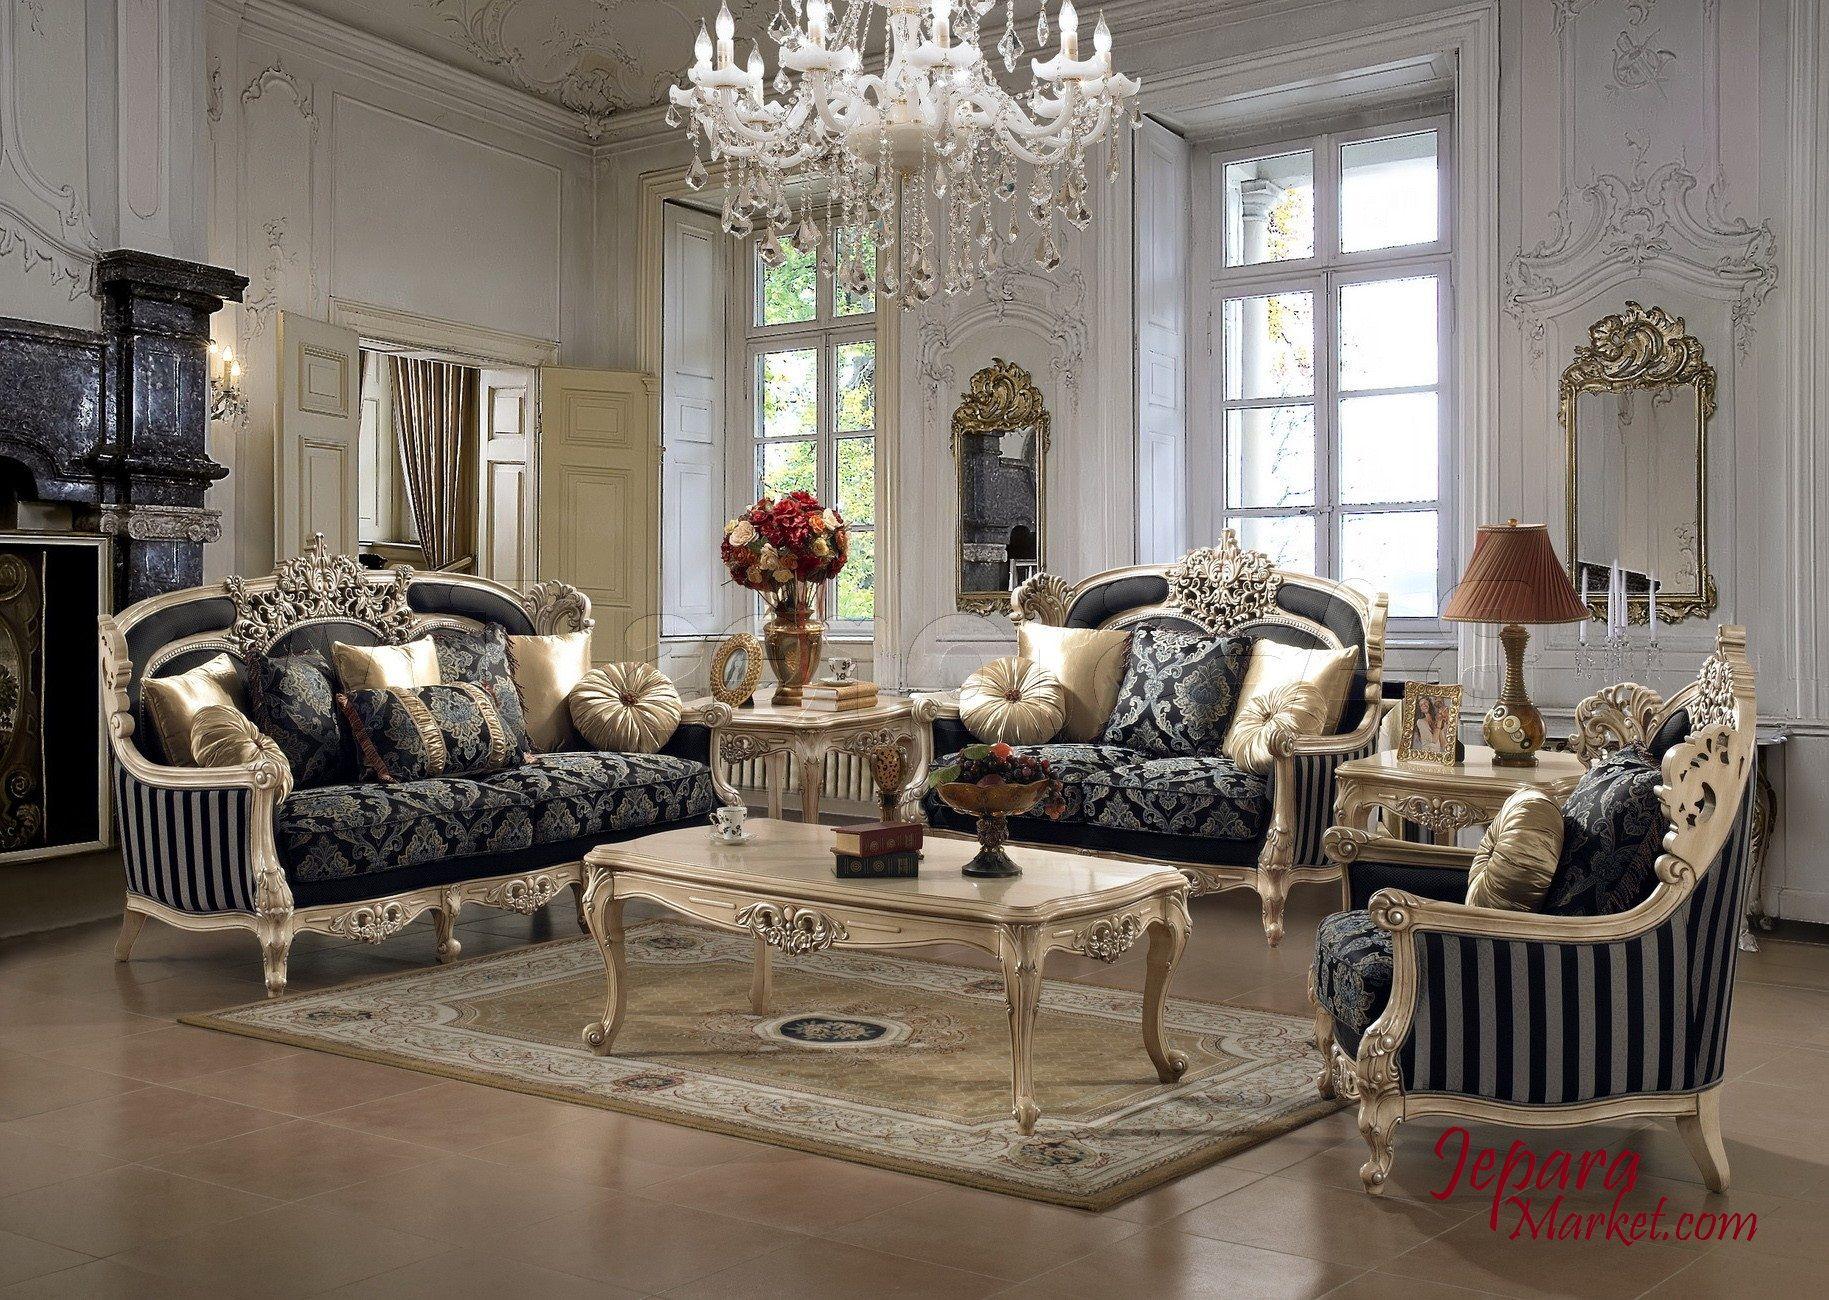 Sofa Tamu Mewah Italy Style Merupakan Kelas Unggulan Dengan Kualitas Terbaik Ruang Ini Terbuat Dari Kayu Mahoni Solid Yang Berkualitas Tinggi